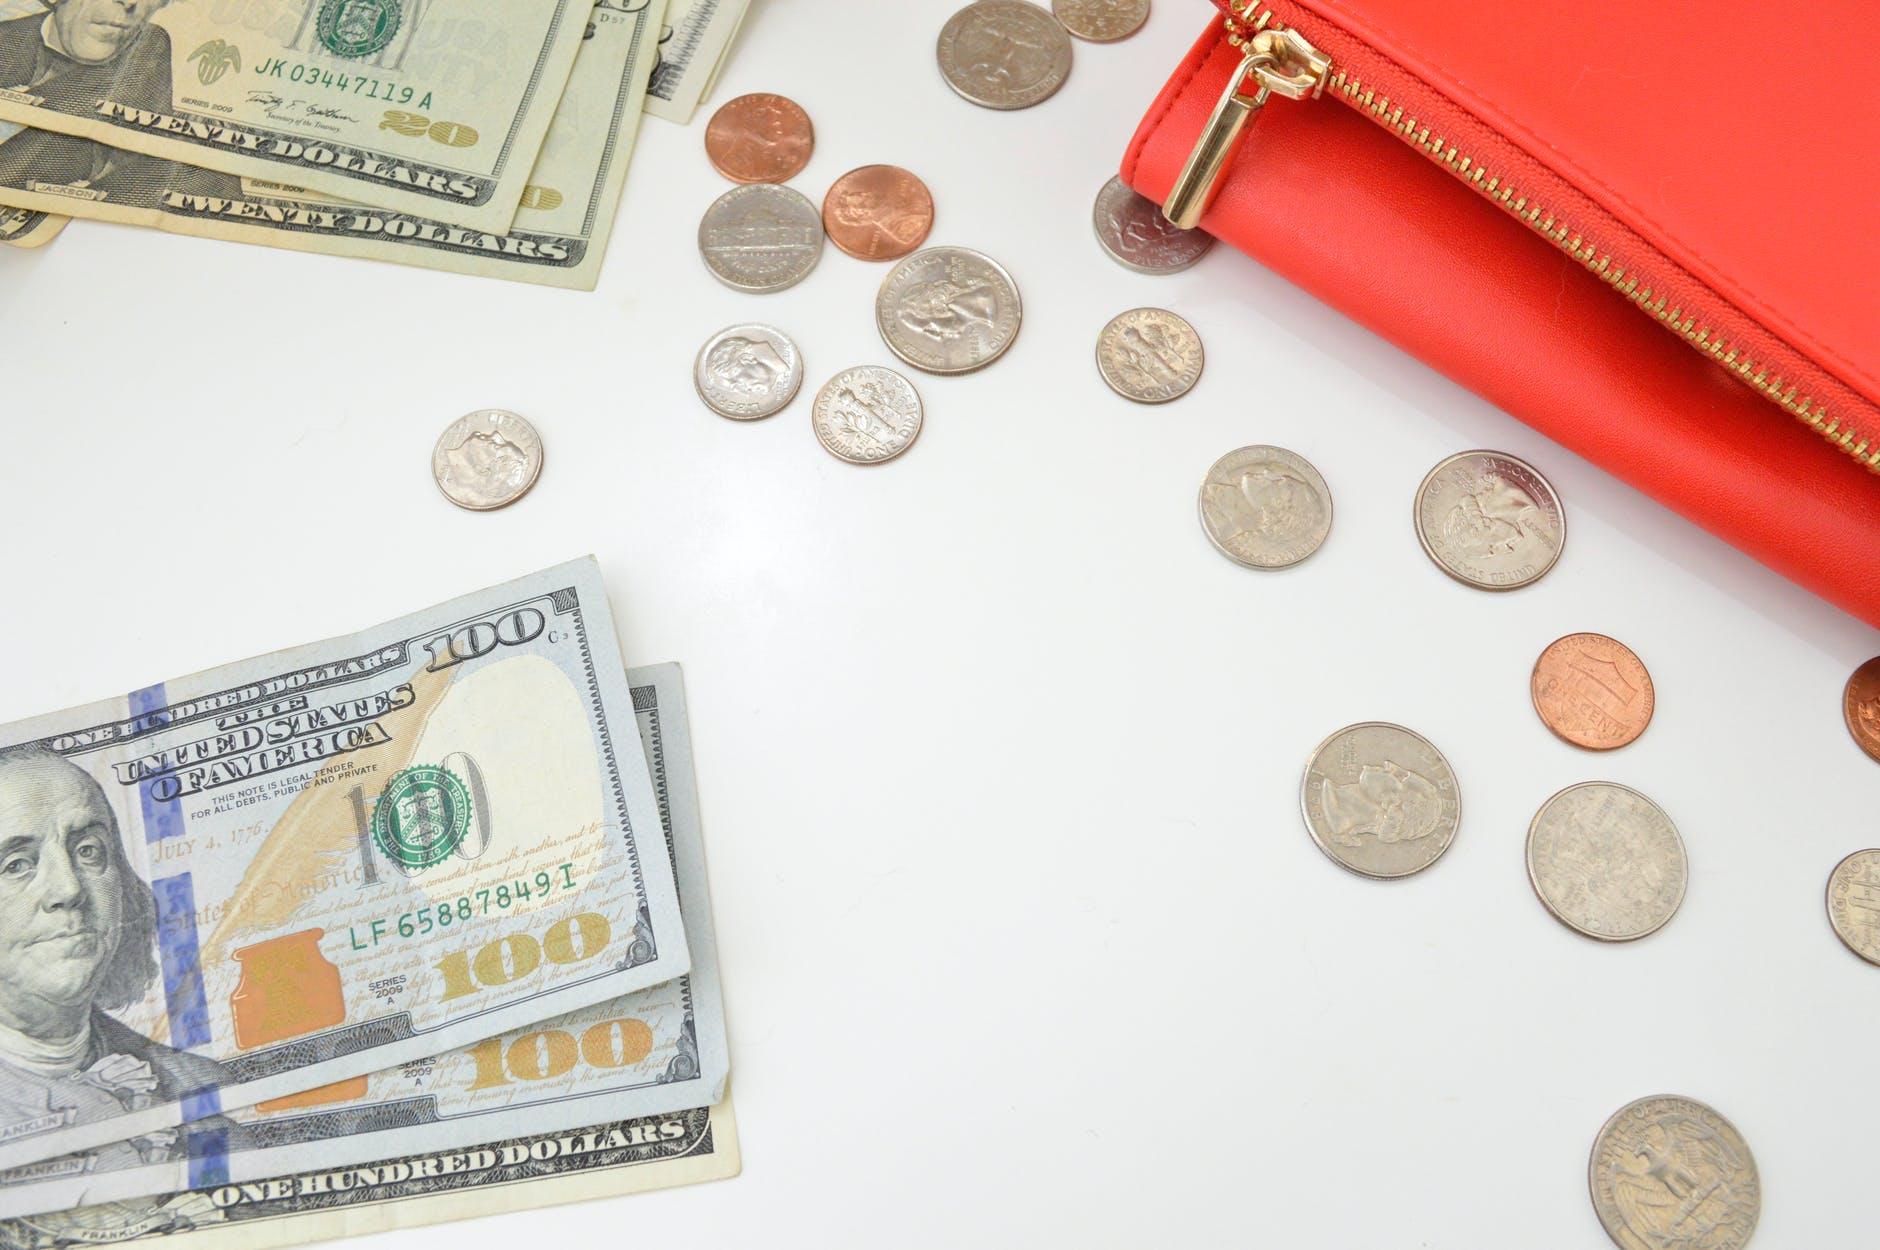 Автоматический арест и списание средств со счета: что нужно знать?